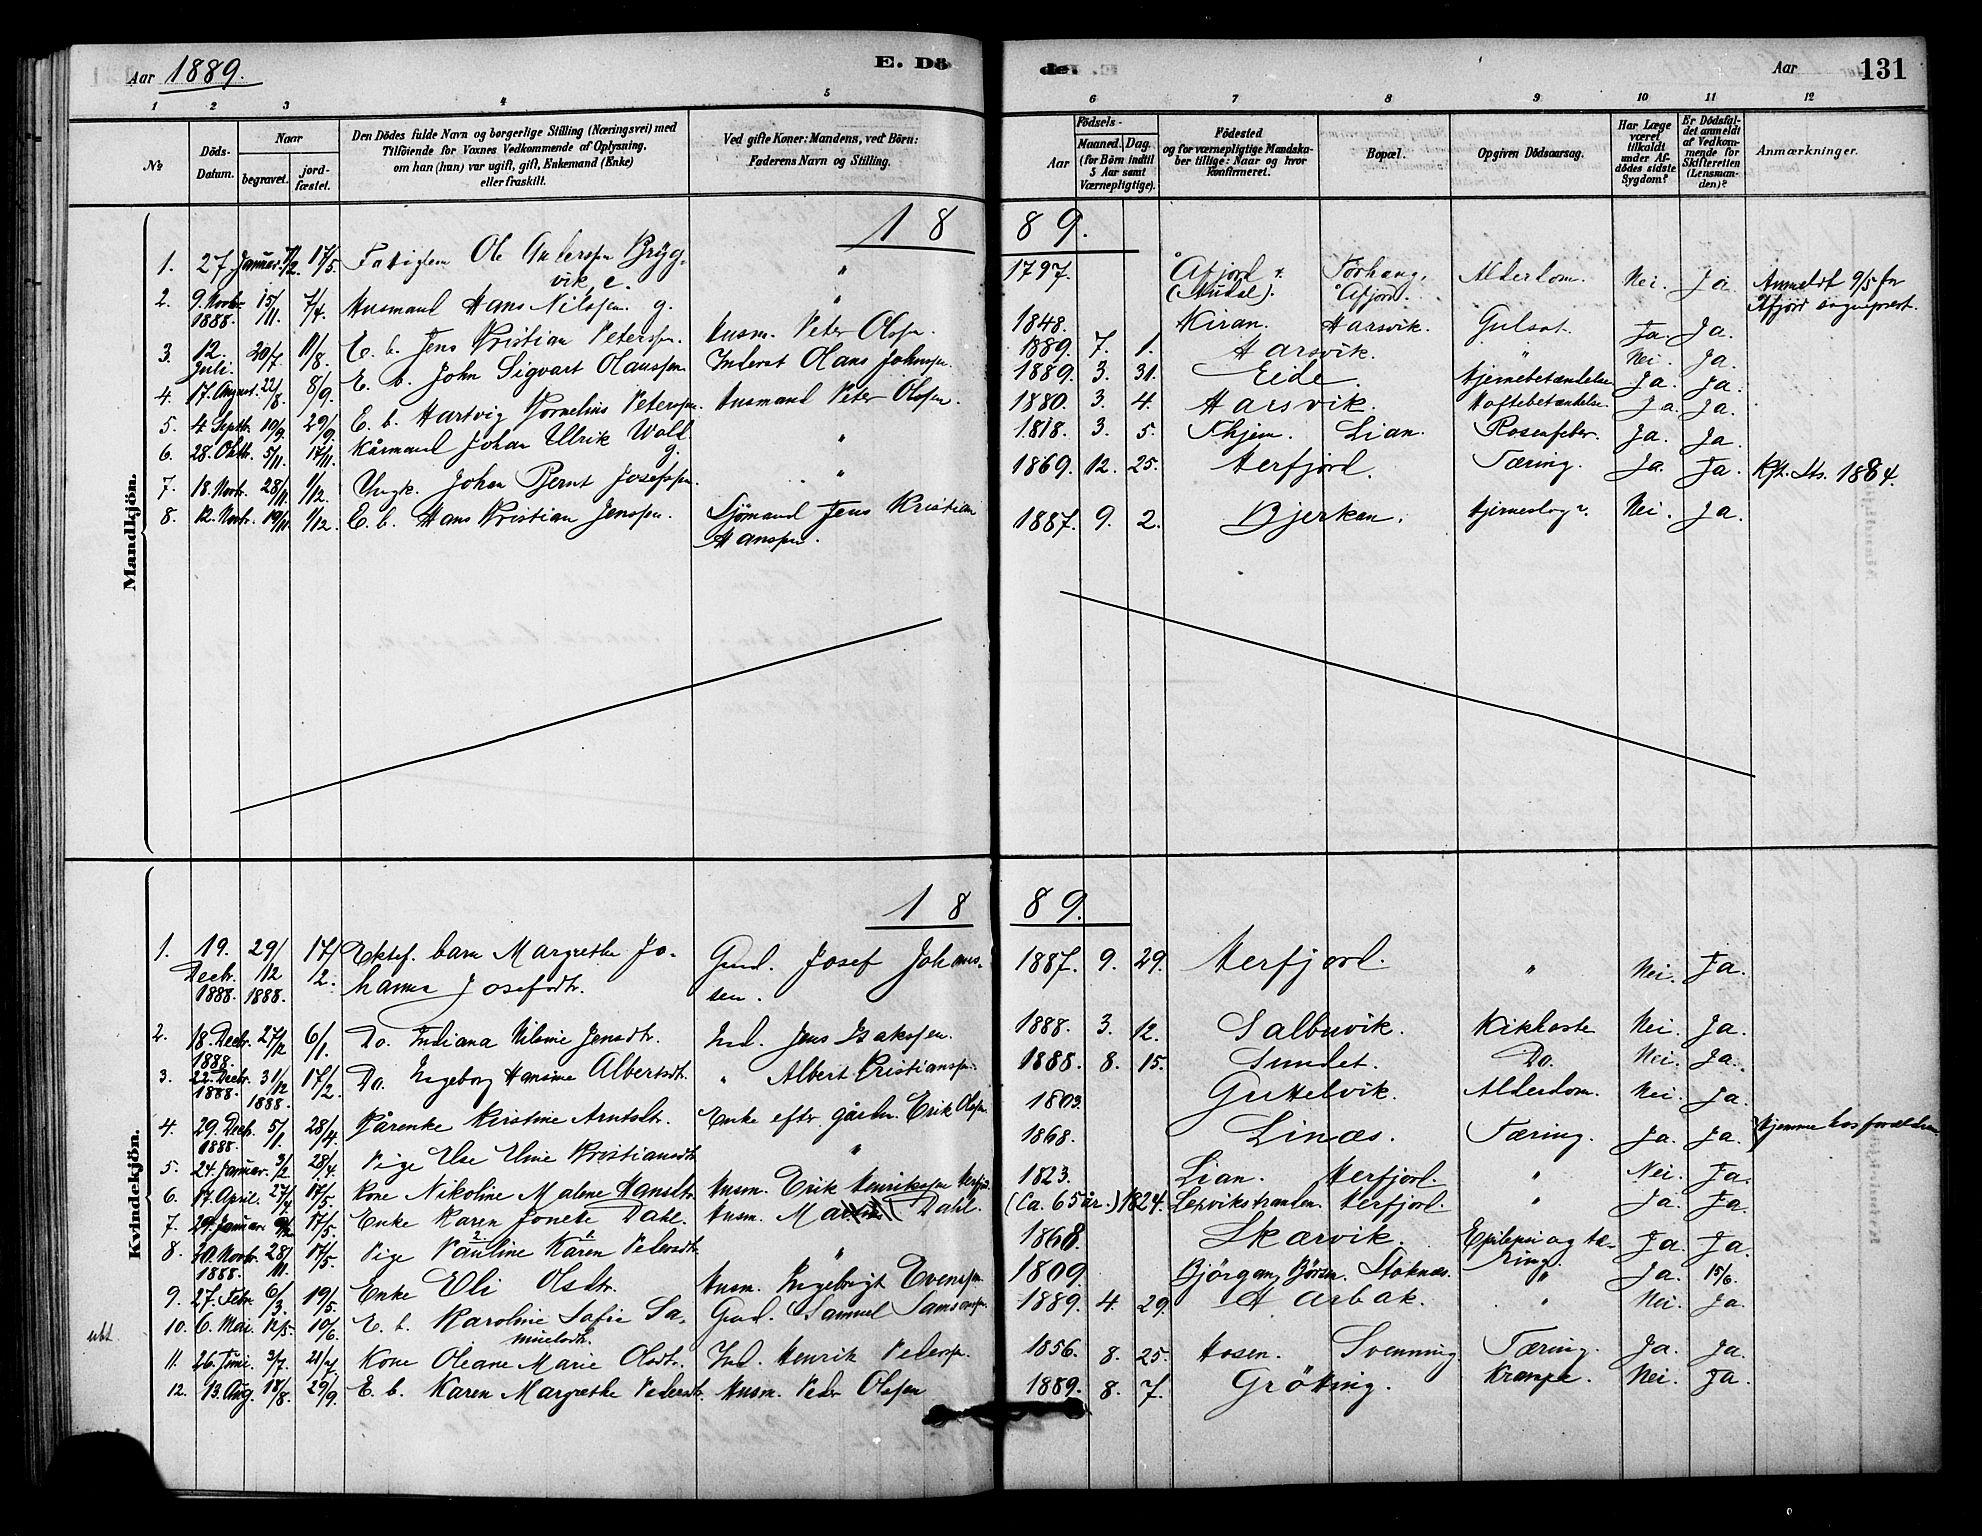 SAT, Ministerialprotokoller, klokkerbøker og fødselsregistre - Sør-Trøndelag, 656/L0692: Ministerialbok nr. 656A01, 1879-1893, s. 131